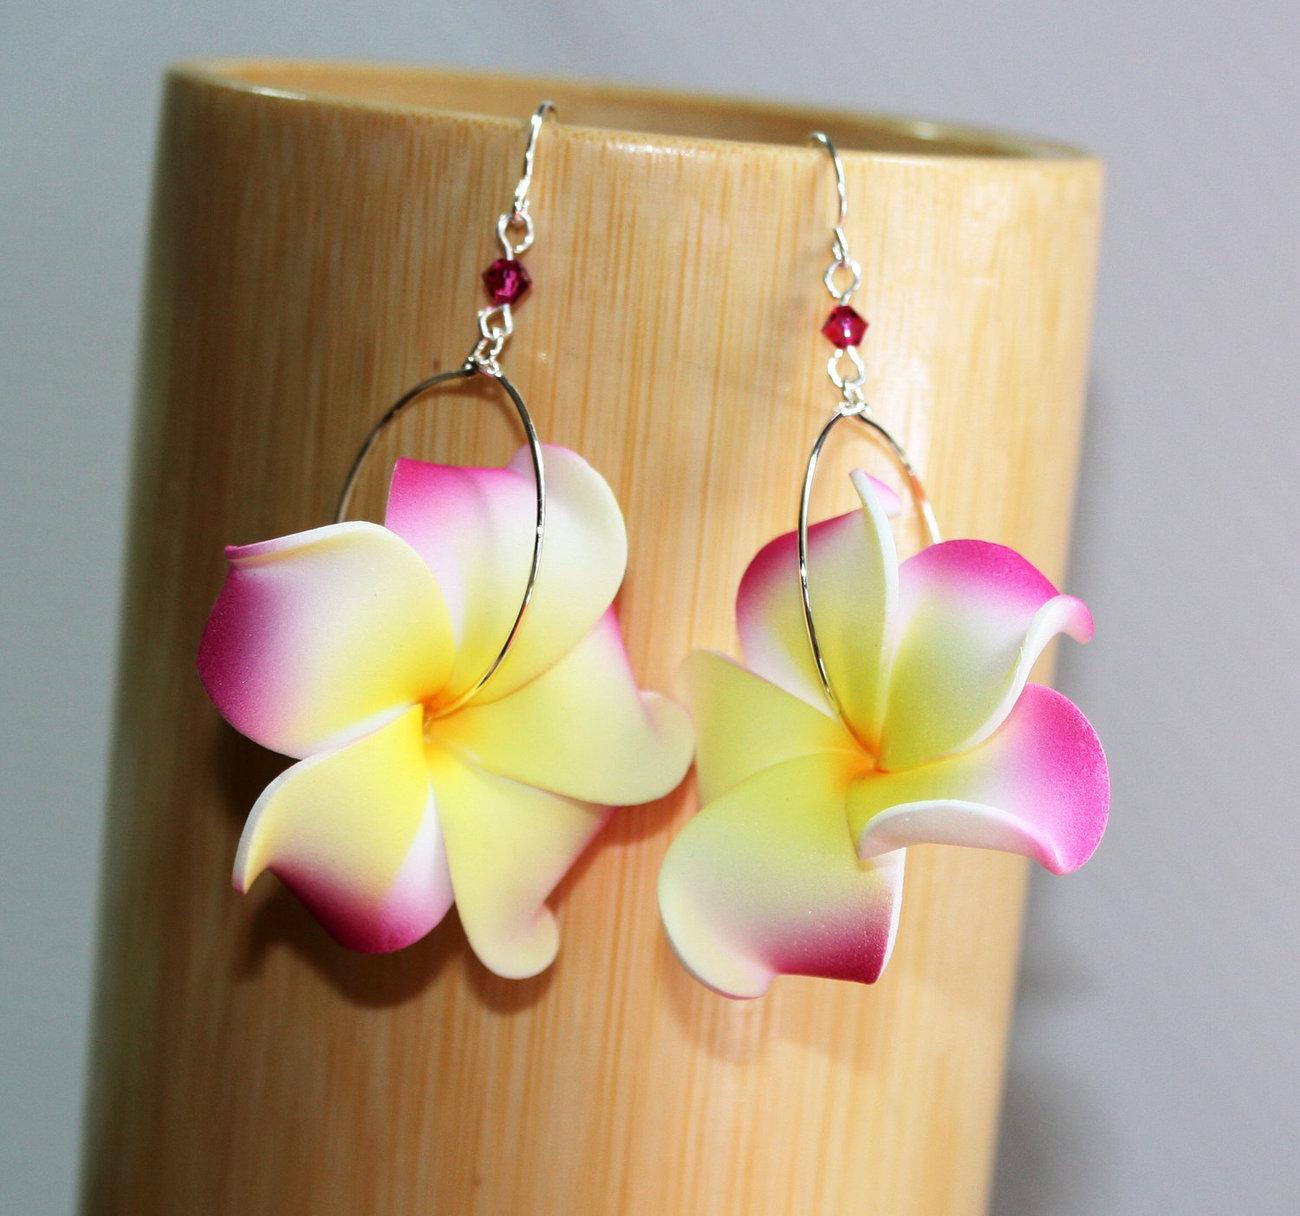 Handmade of Maui Tropical Plumeria Flower Hoop Earrings with Swarovski Crystals